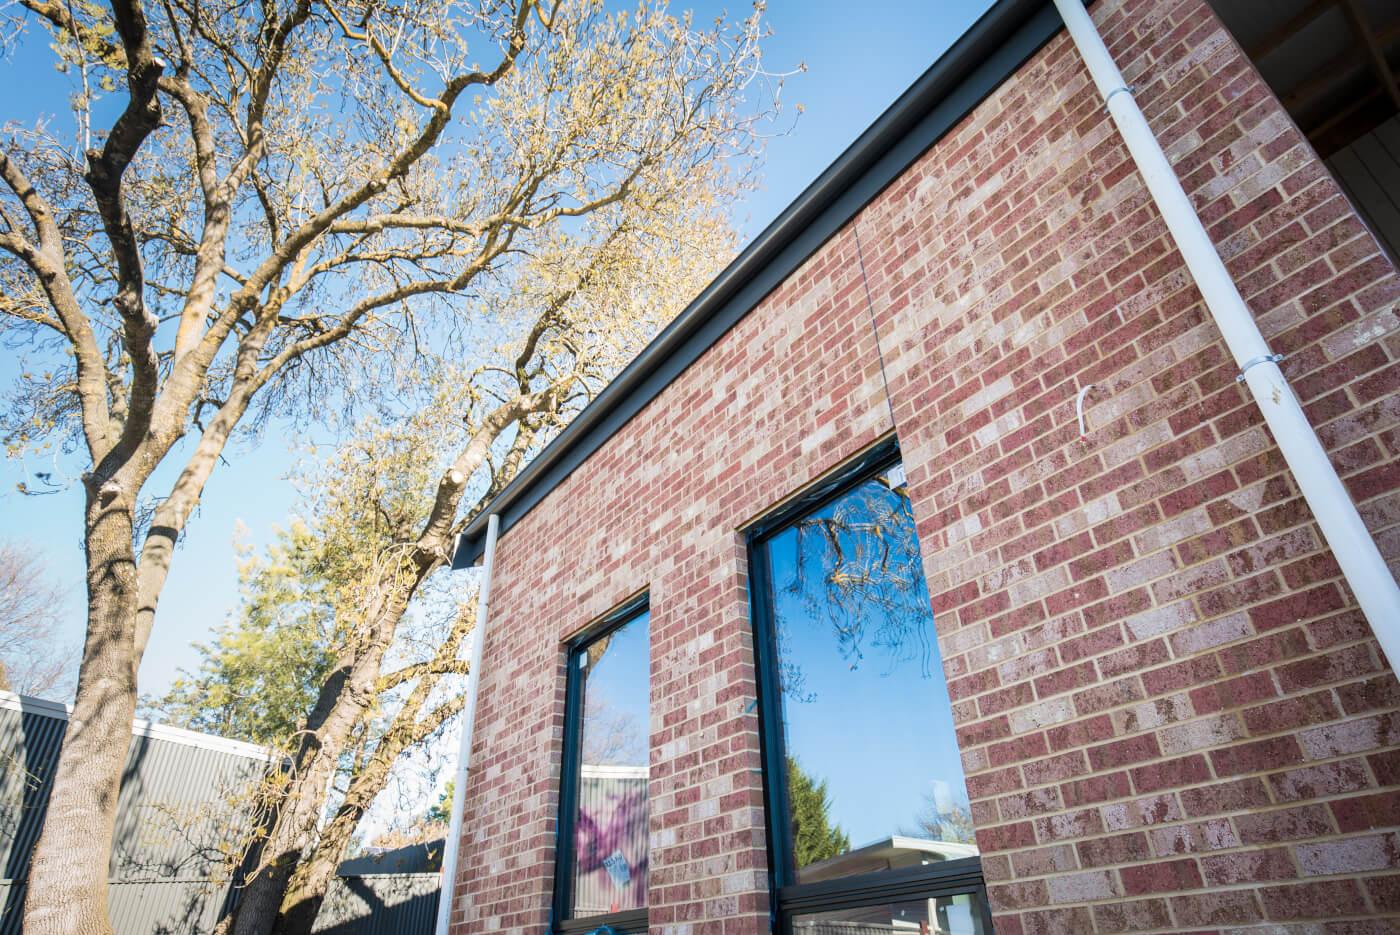 Blush Brick House At Hahndorf Sa